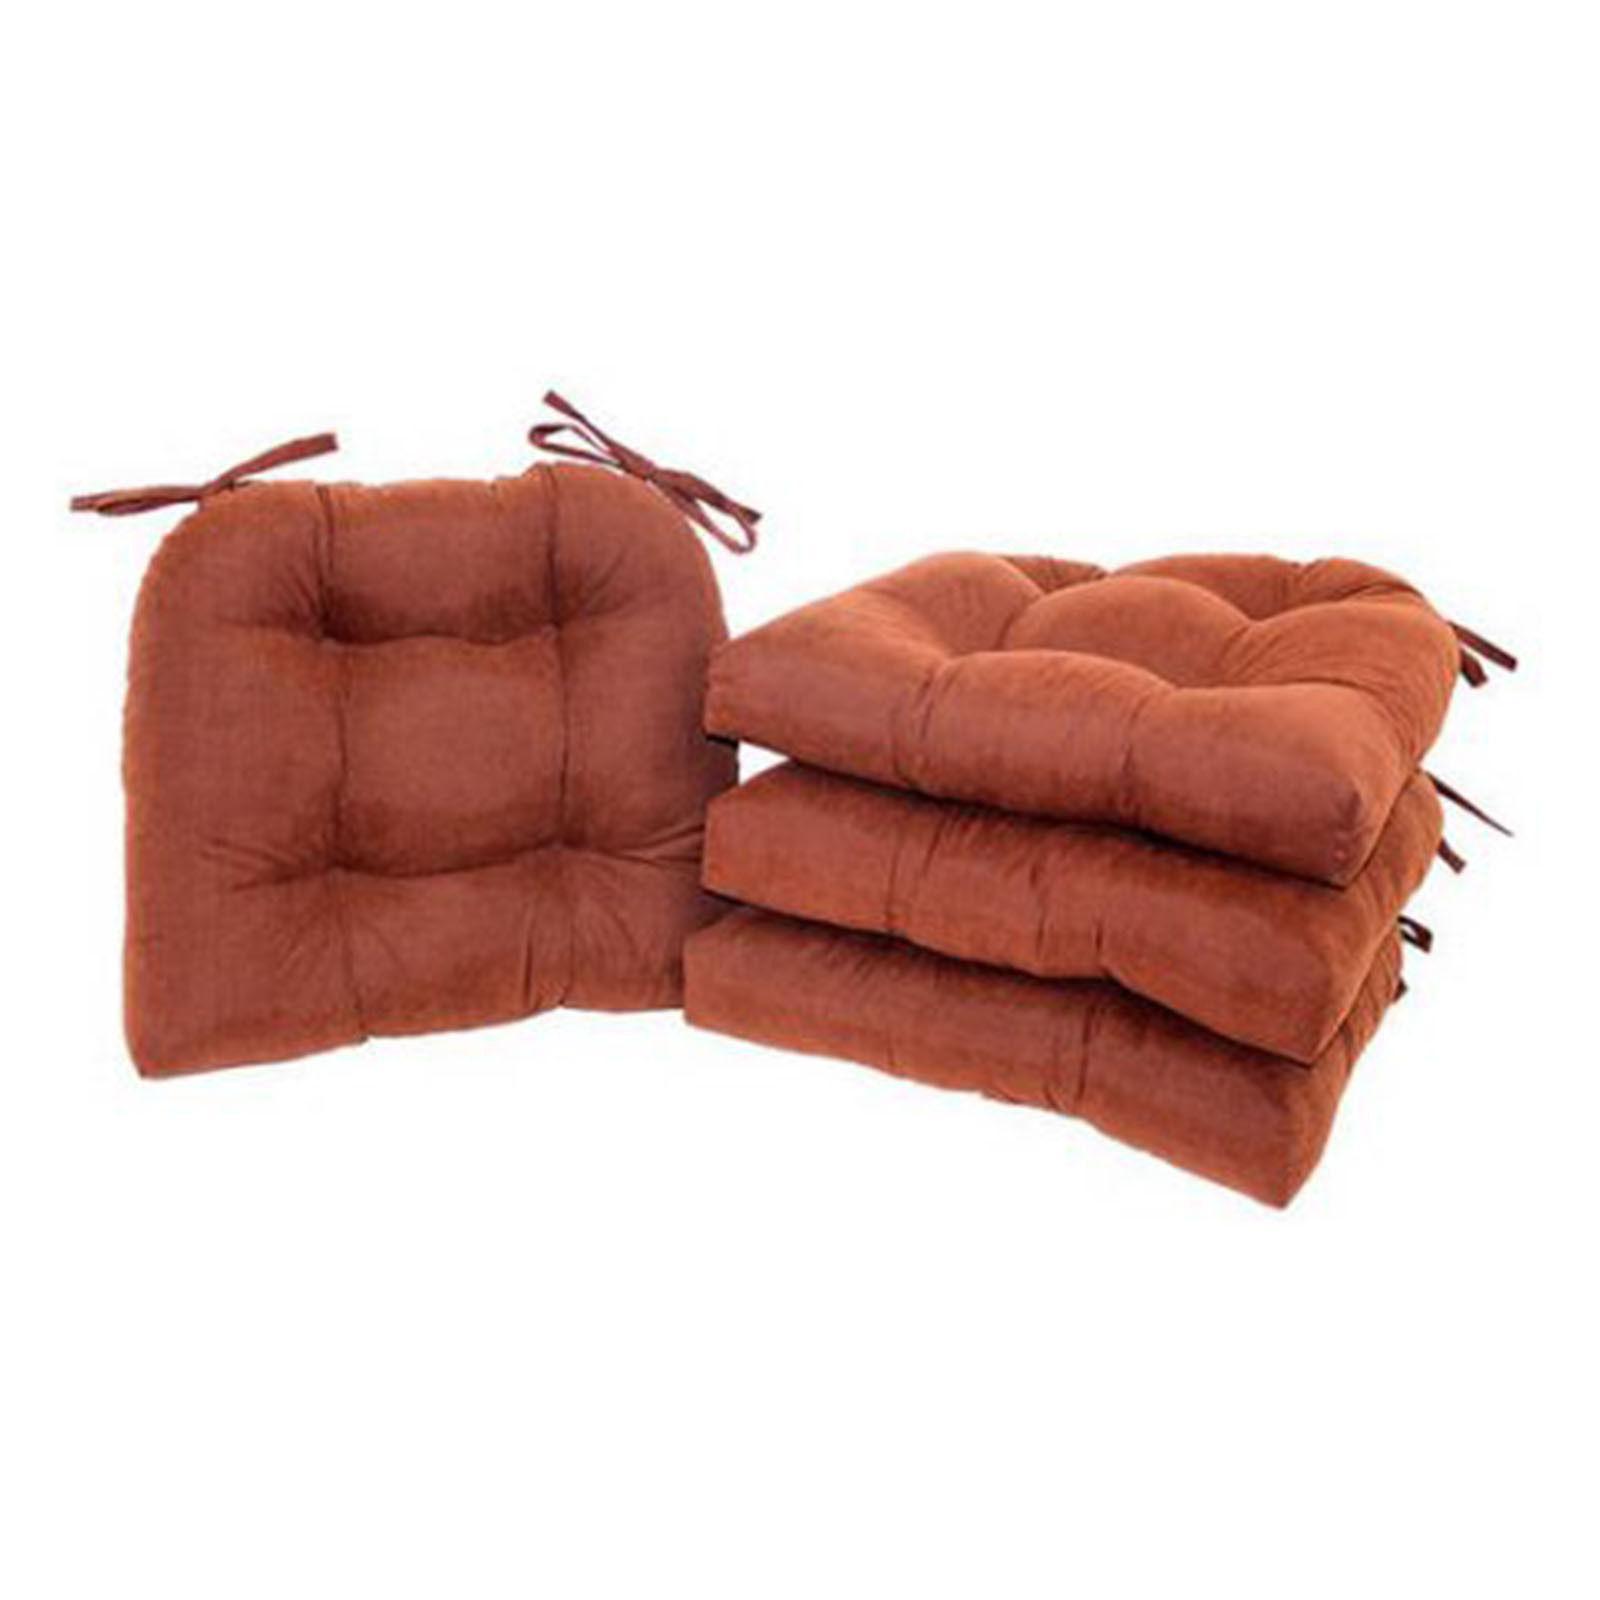 Patio 4 Seat Garden Soft